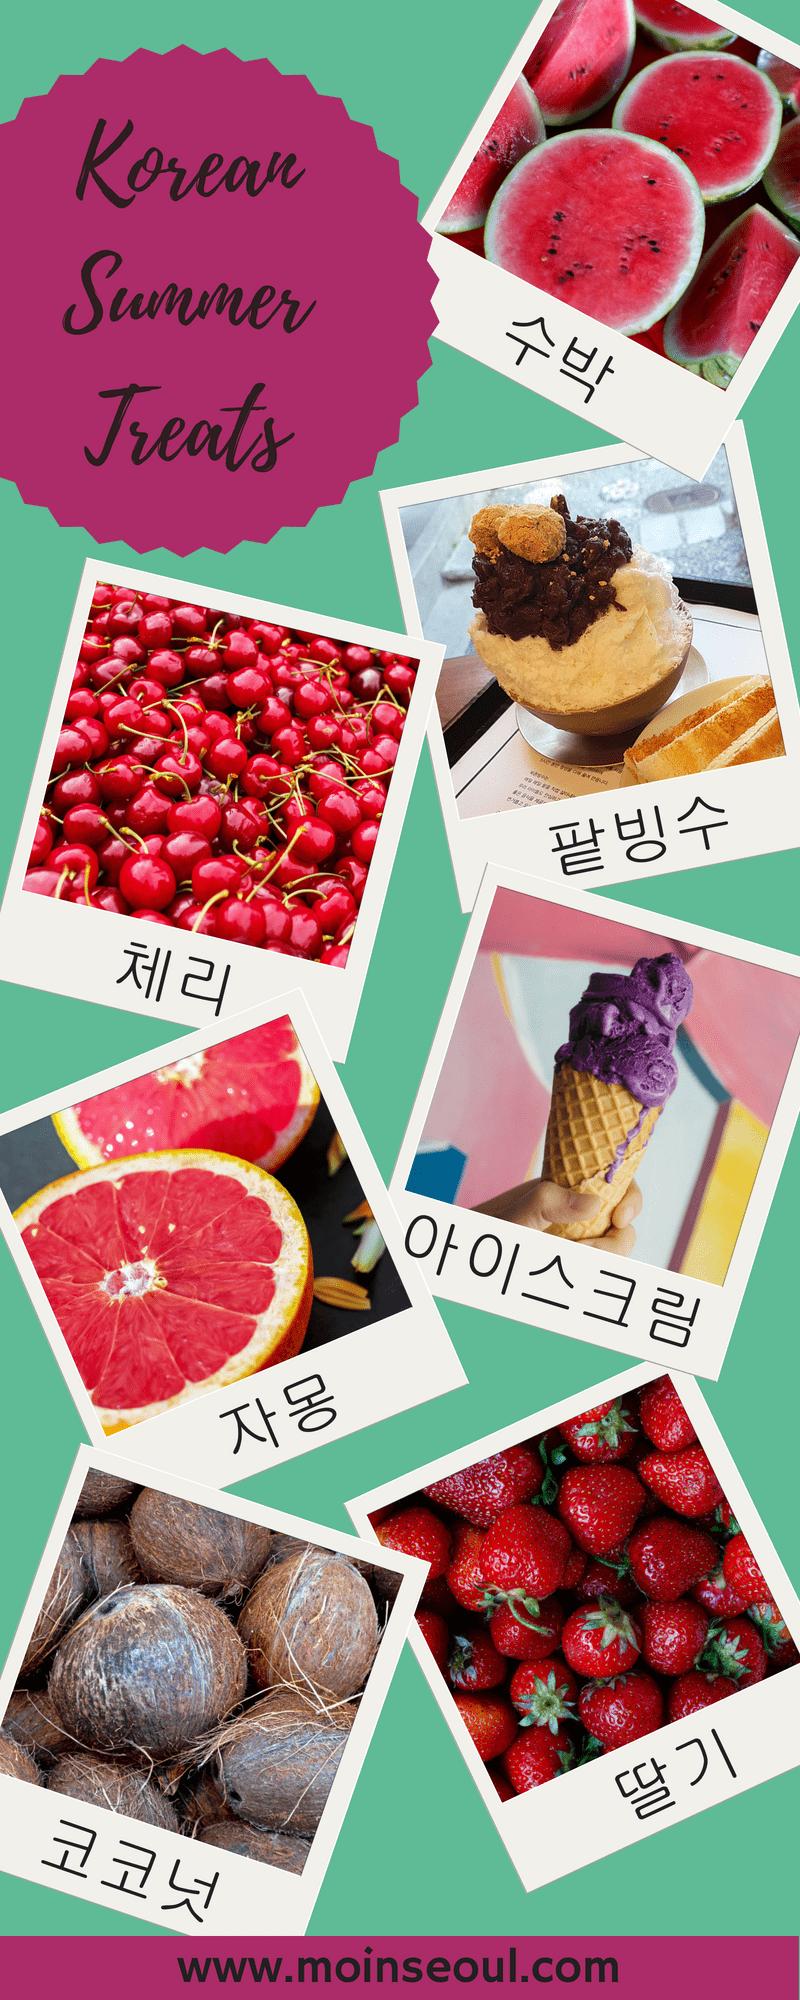 einfachhangeul Vokabeln Moin Seoul Sommer Snacks.png